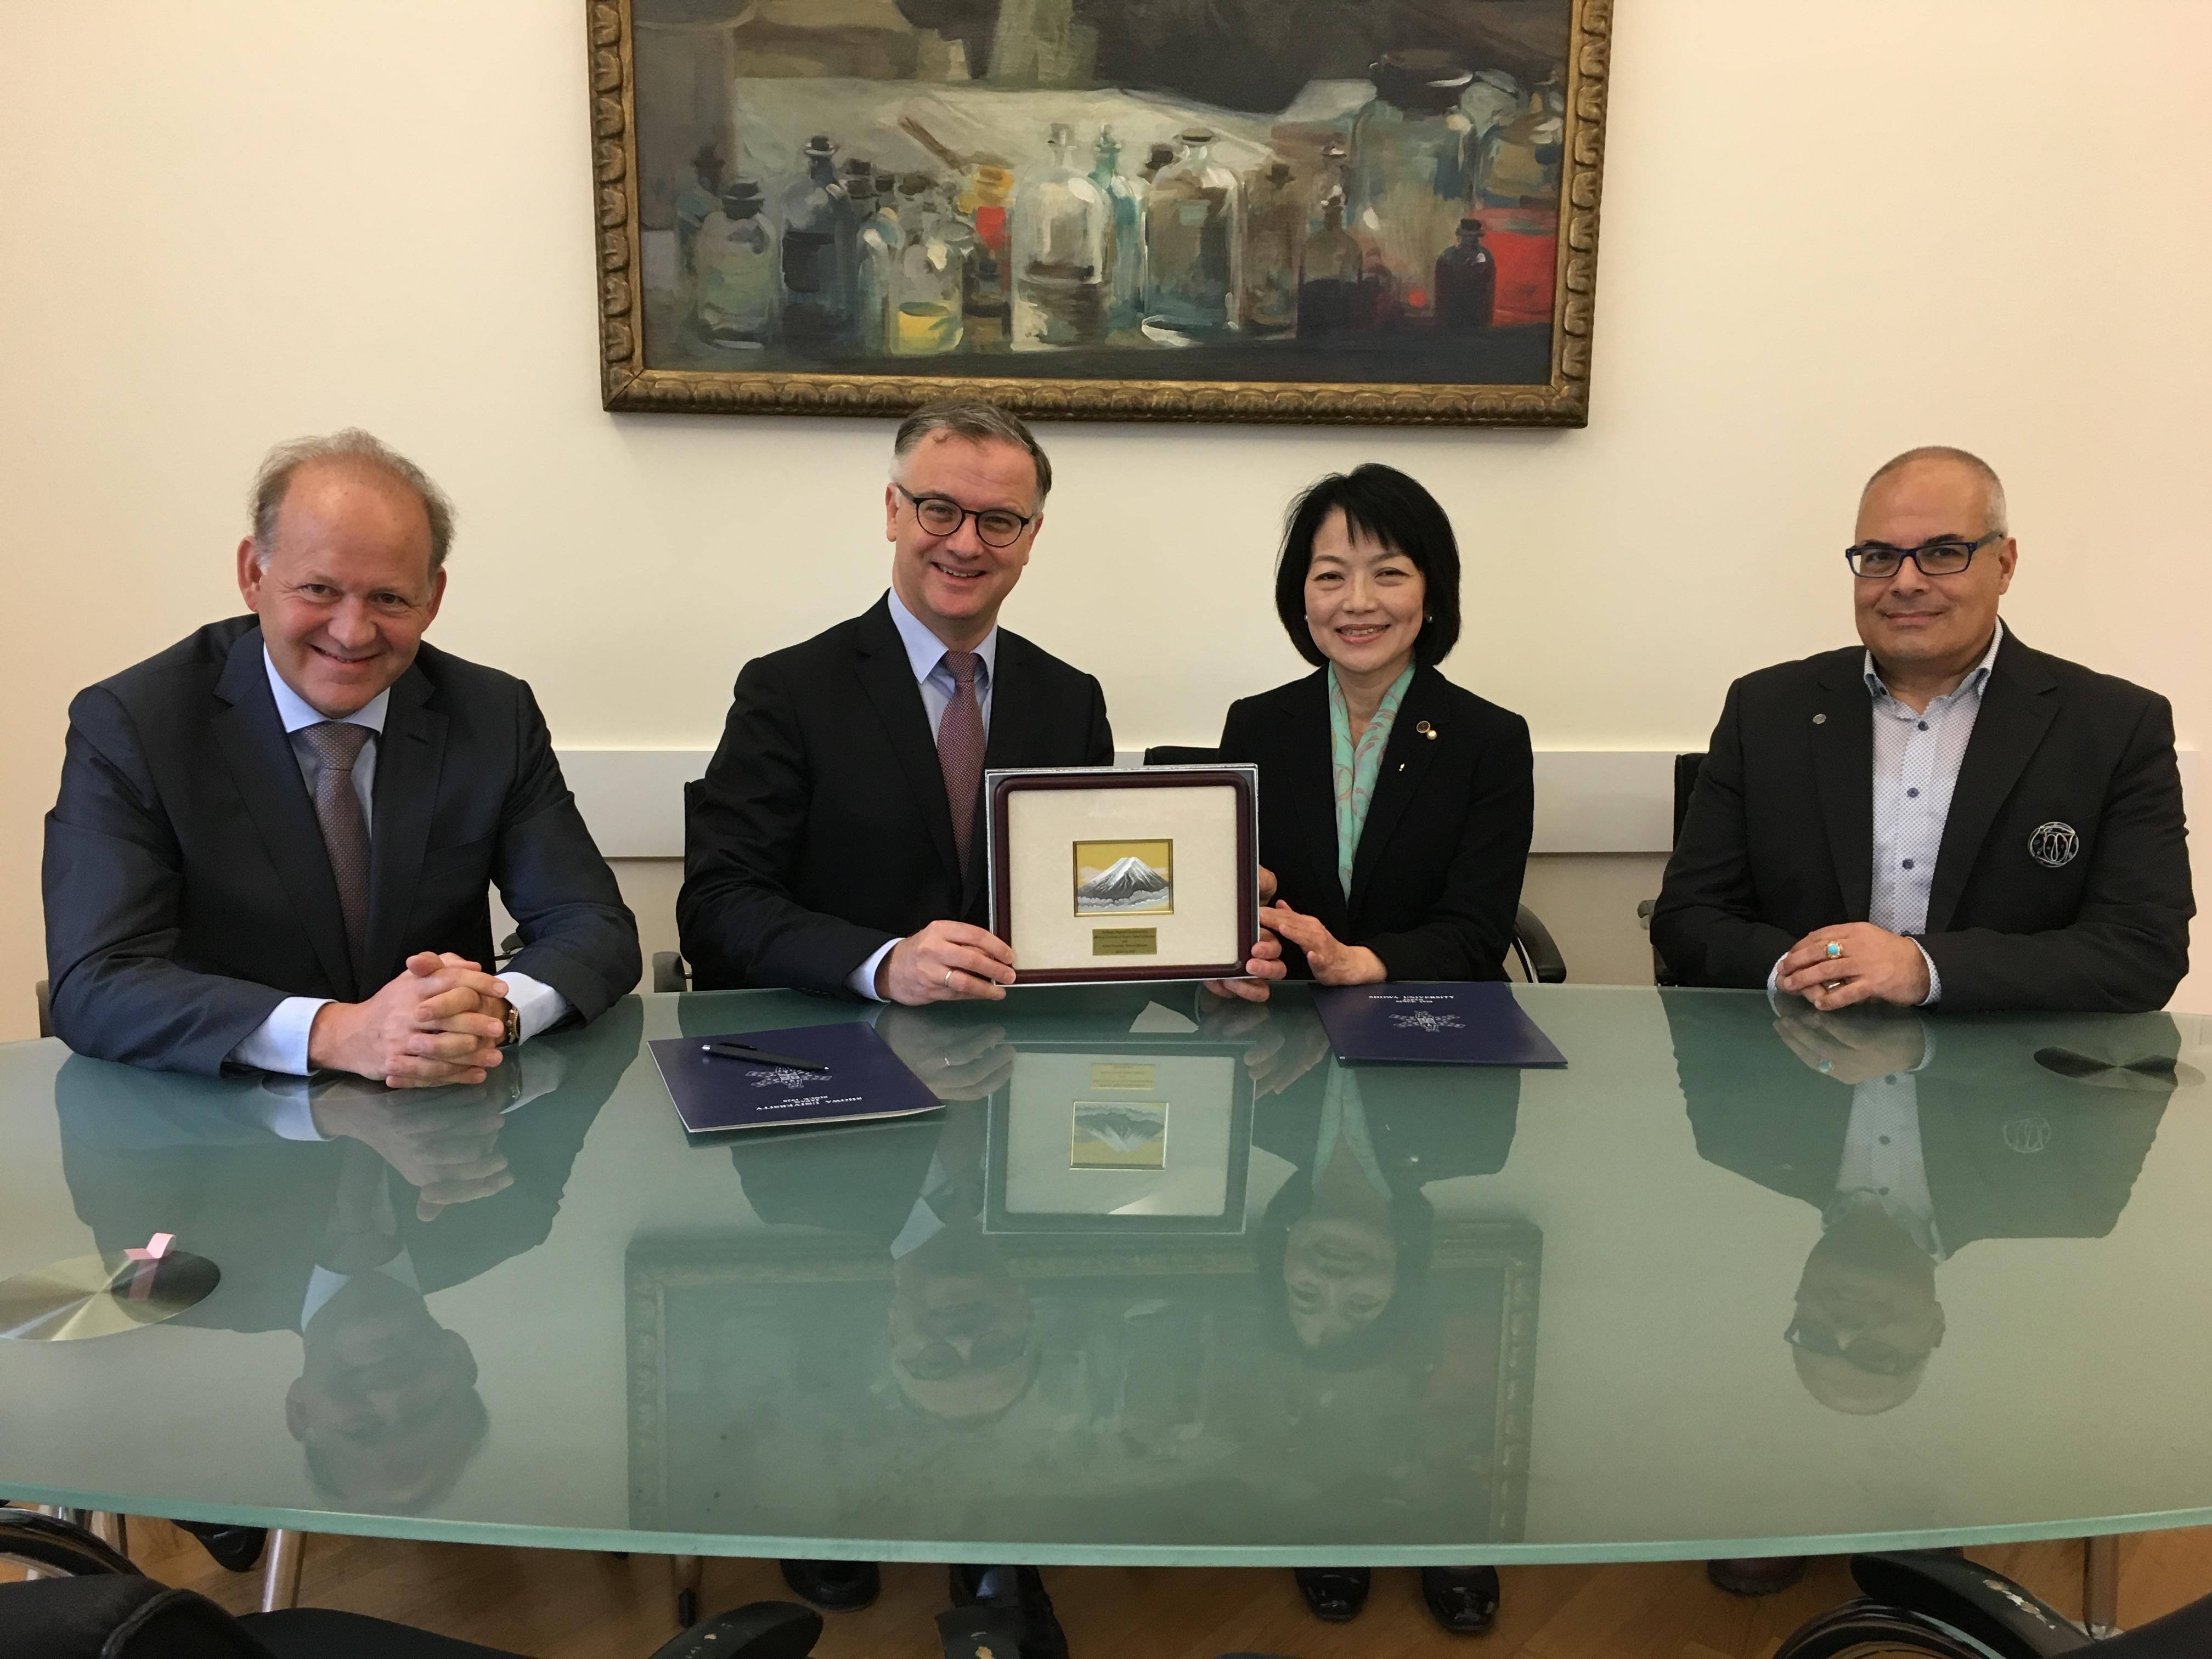 昭和大学がウィーン医科大学と歯学部間協定を締結 -- 医学部に続き、歯学部でも交流がスタート